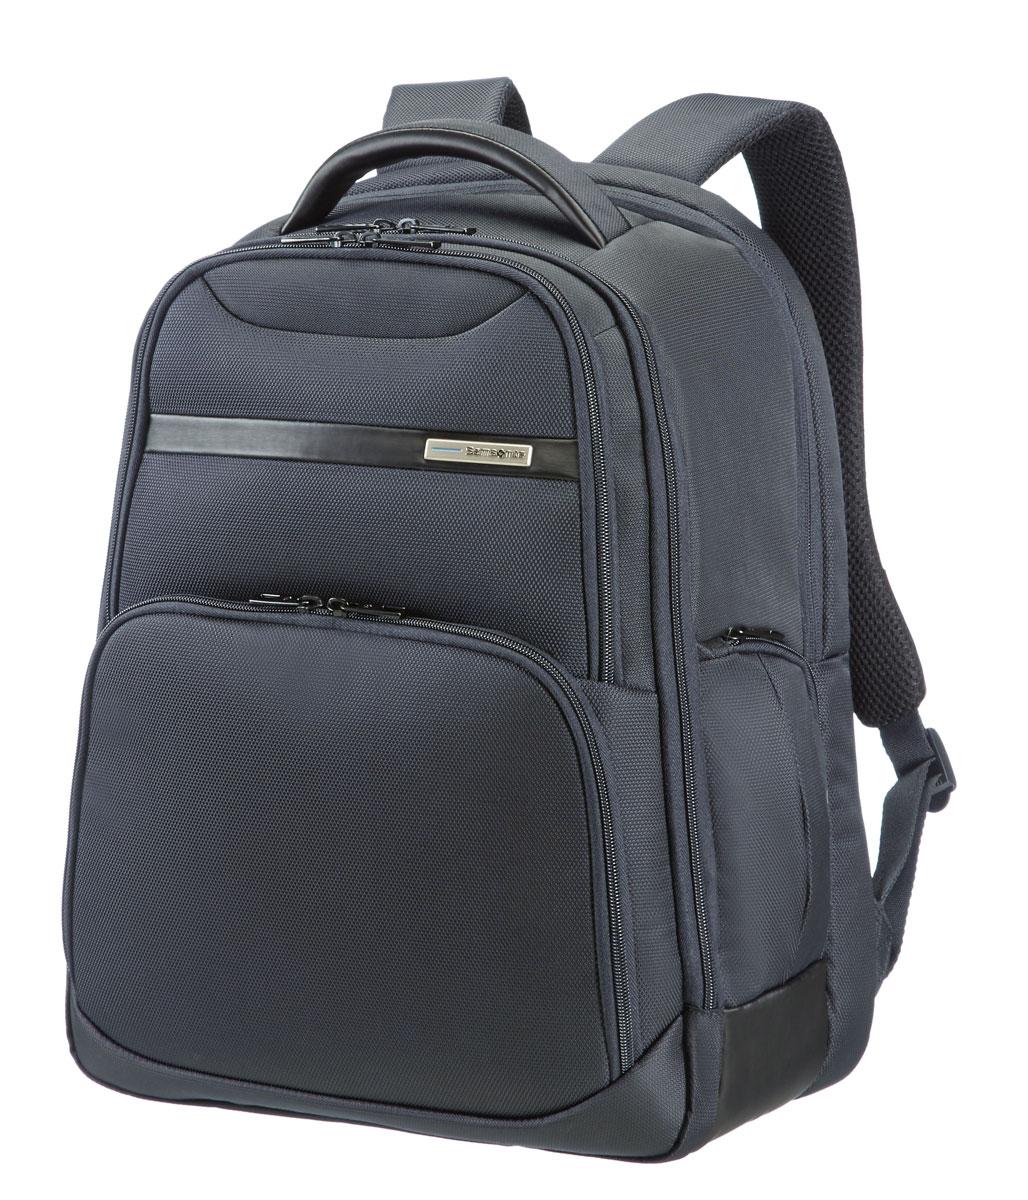 Рюкзак для ноутбука Samsonite, цвет: черный, 27 л, 33,5 х 25 х 44,5 см39V*09008Сочетание прочного полиэстера и элементов полиуретана с отполированной металлической фурнитурой;потайной карман для хранения; удобные и хорошо организованные модели рюкзаков